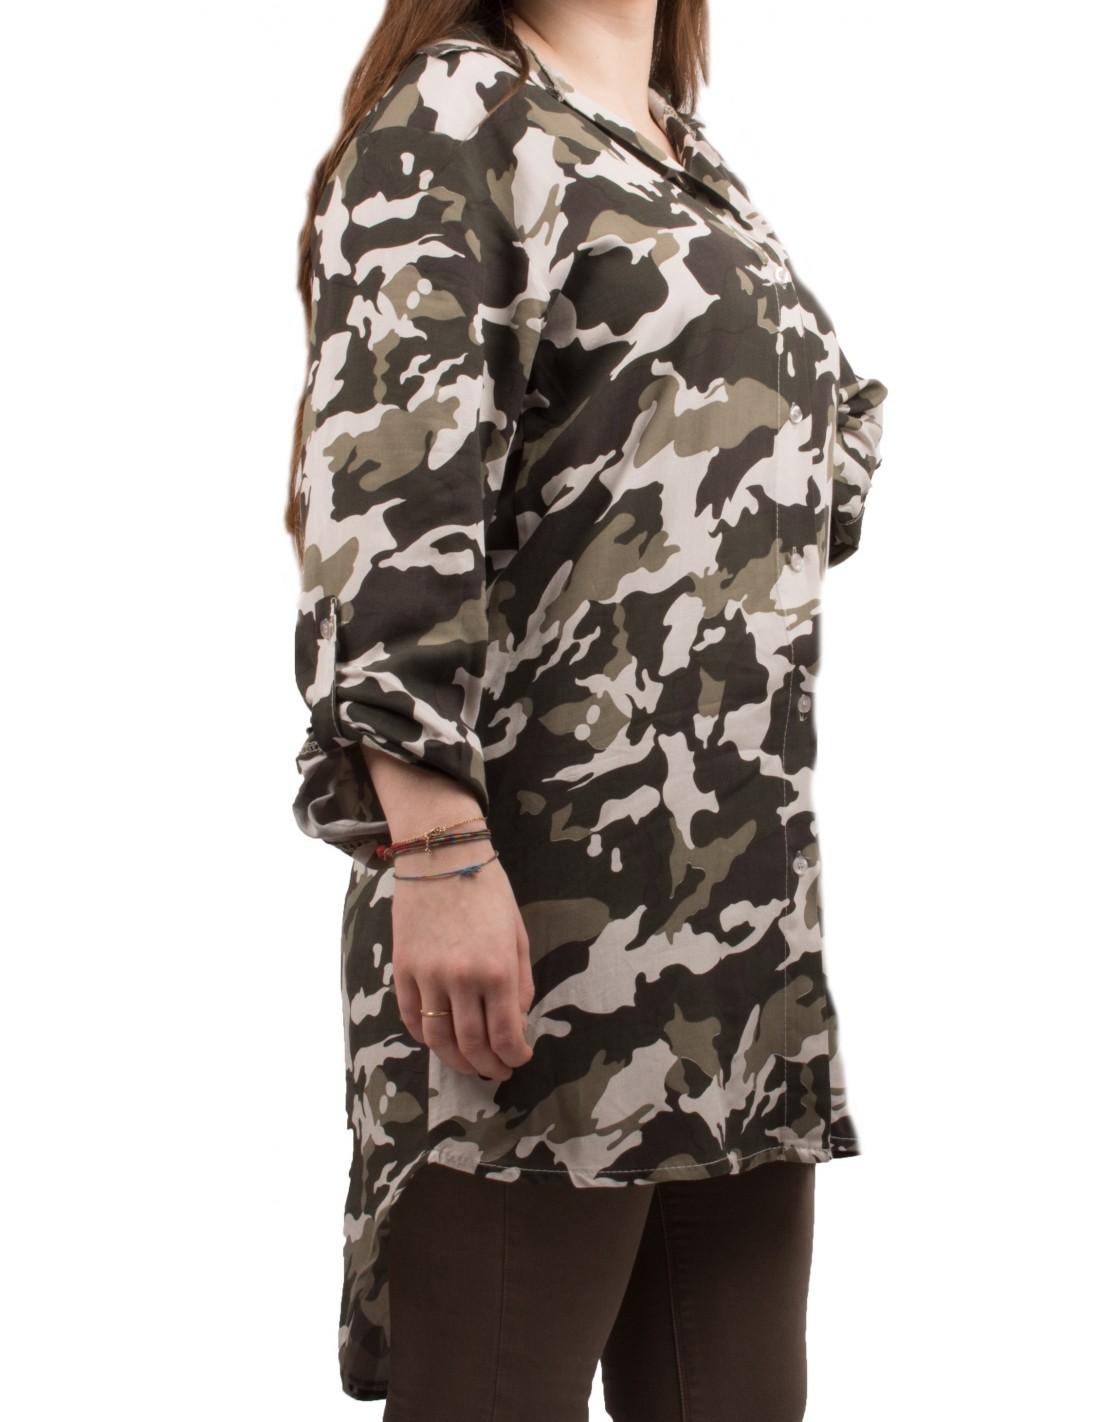 chemise longue tunique militaire femme imprim camouflage kaki. Black Bedroom Furniture Sets. Home Design Ideas